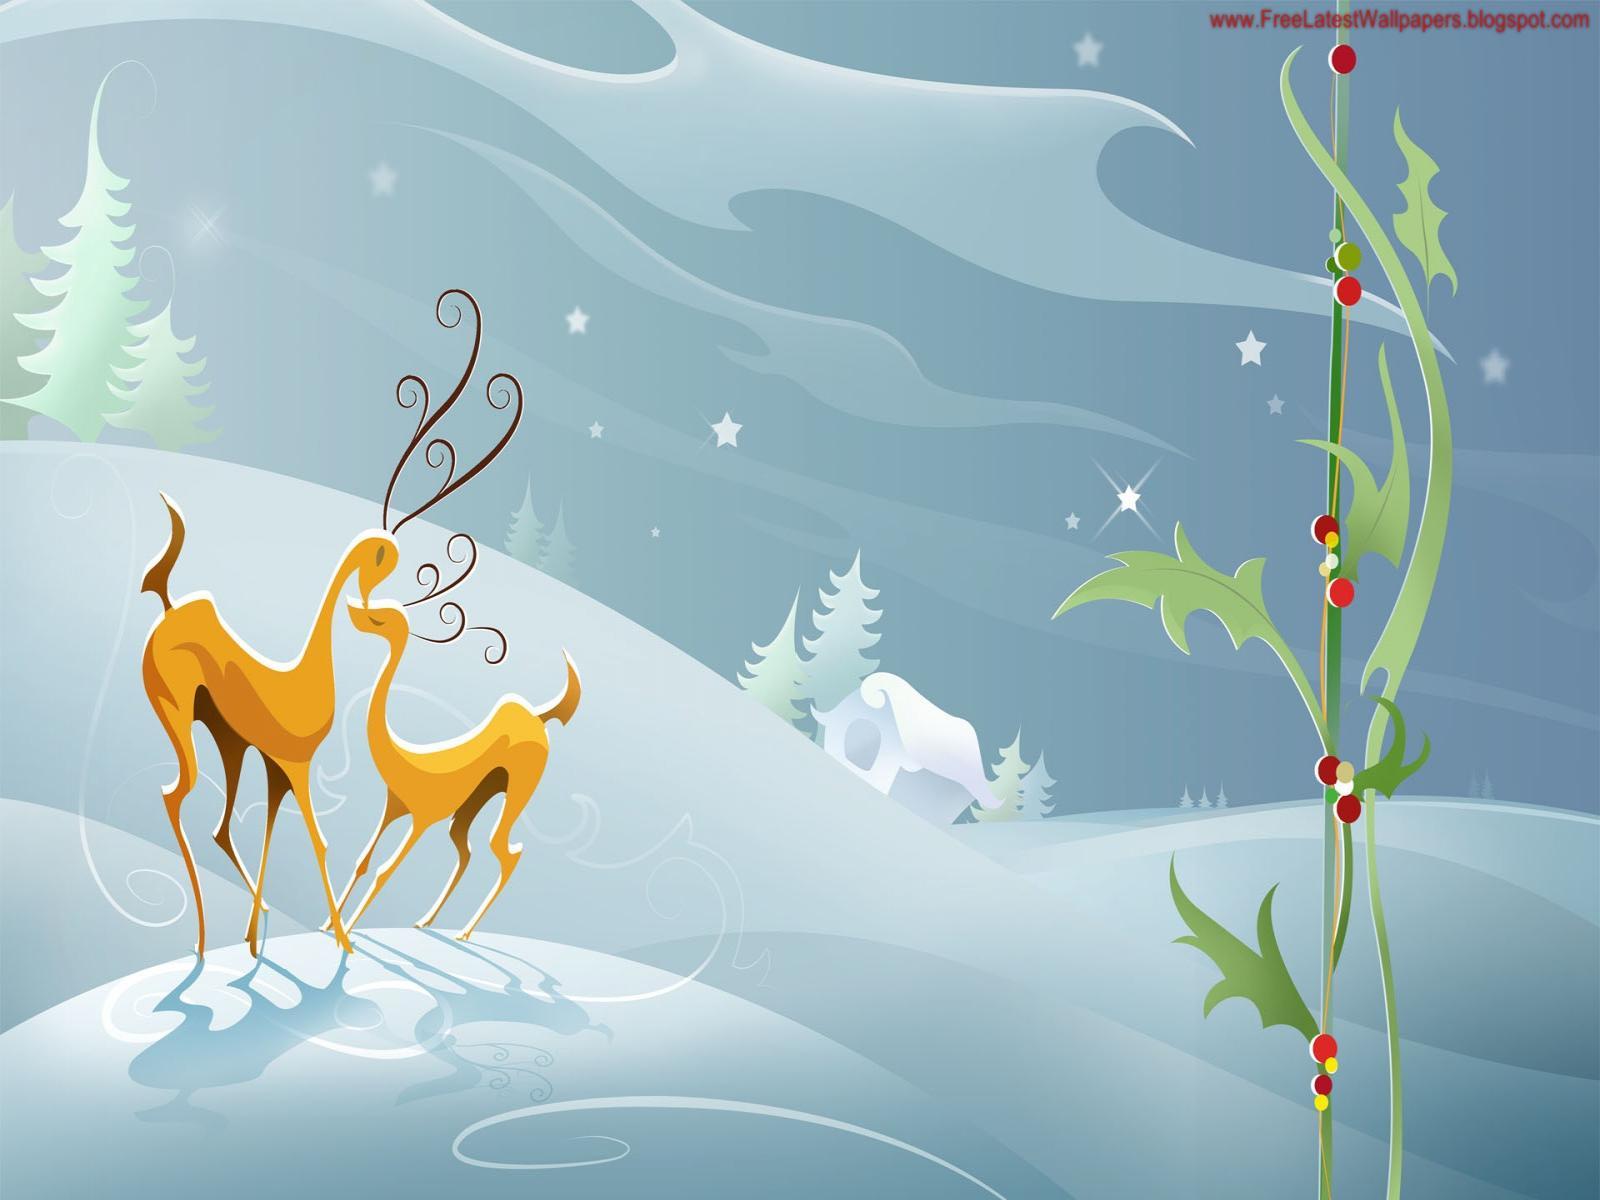 Aqui Hay Imagenes Bonitas De Navidad Para Fondo De: Wallpapernarium: Arbol De Navidad